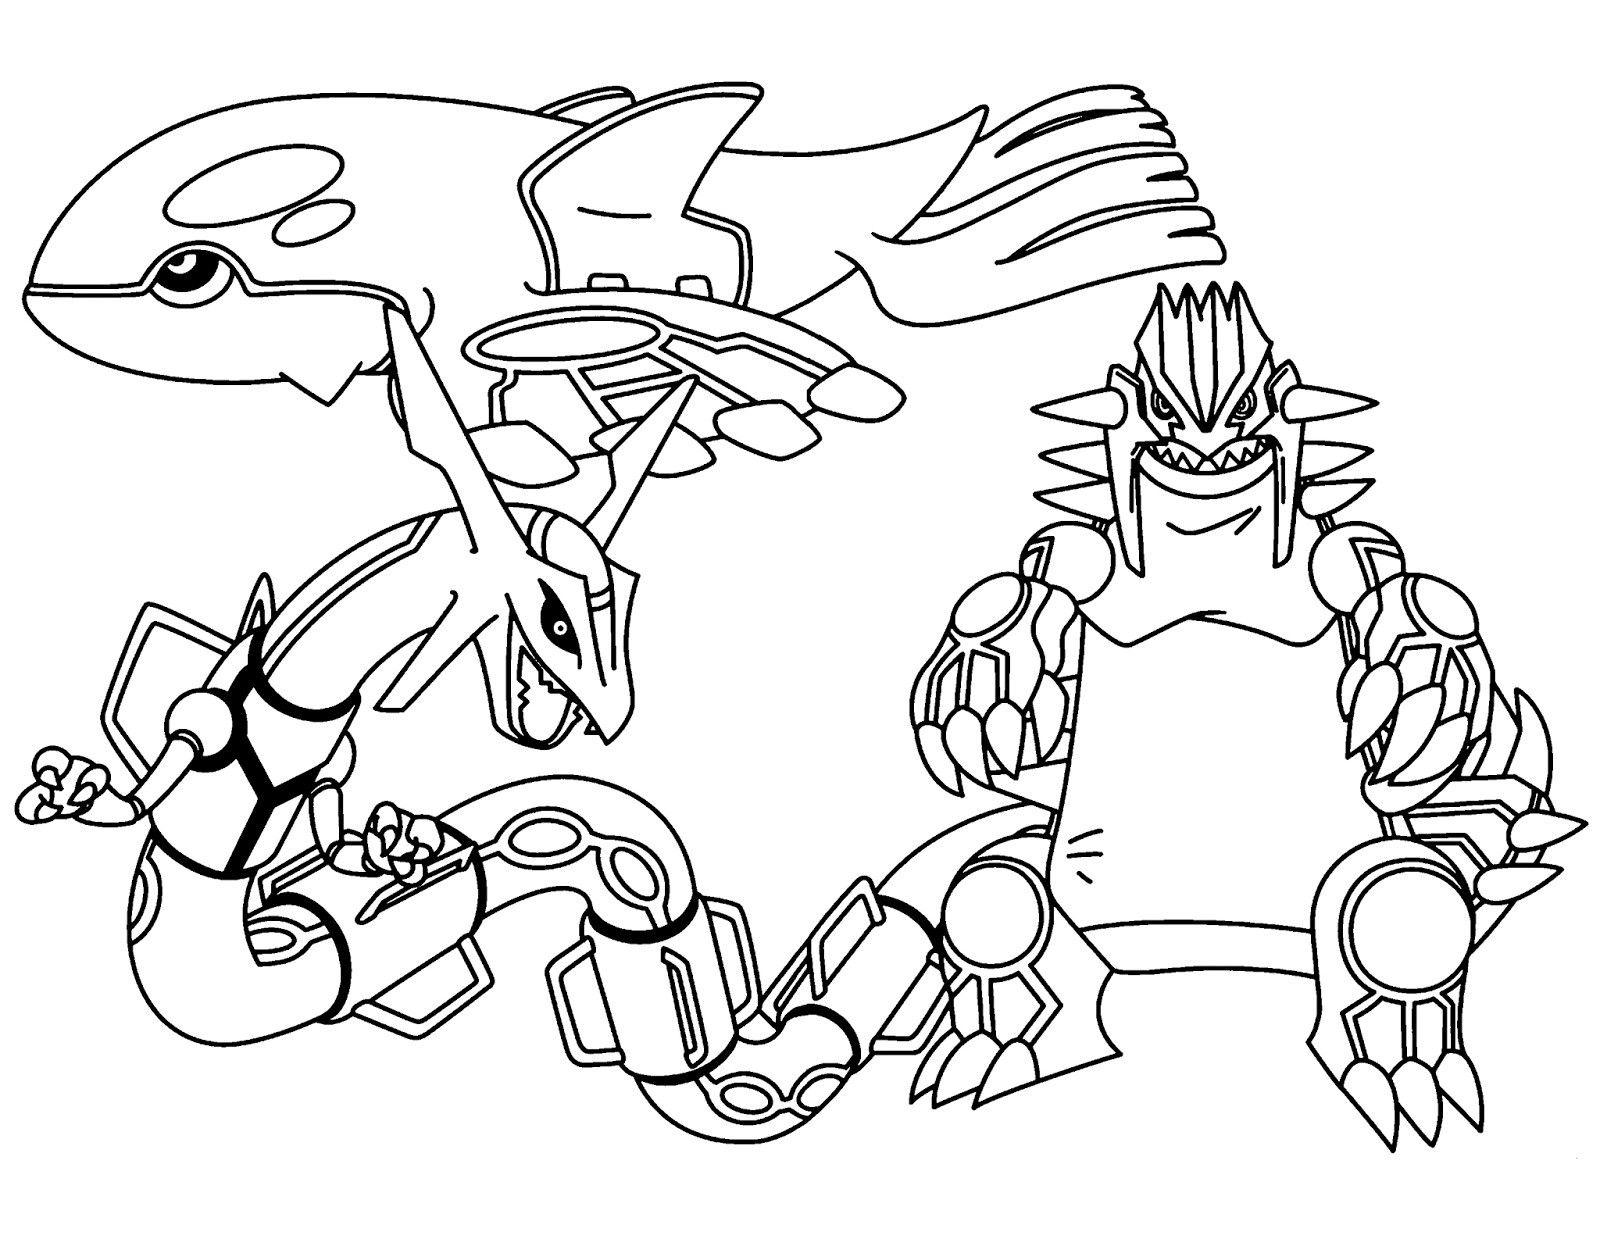 Legendary Pokemon Coloring Pages Rayquaza (Dengan gambar)